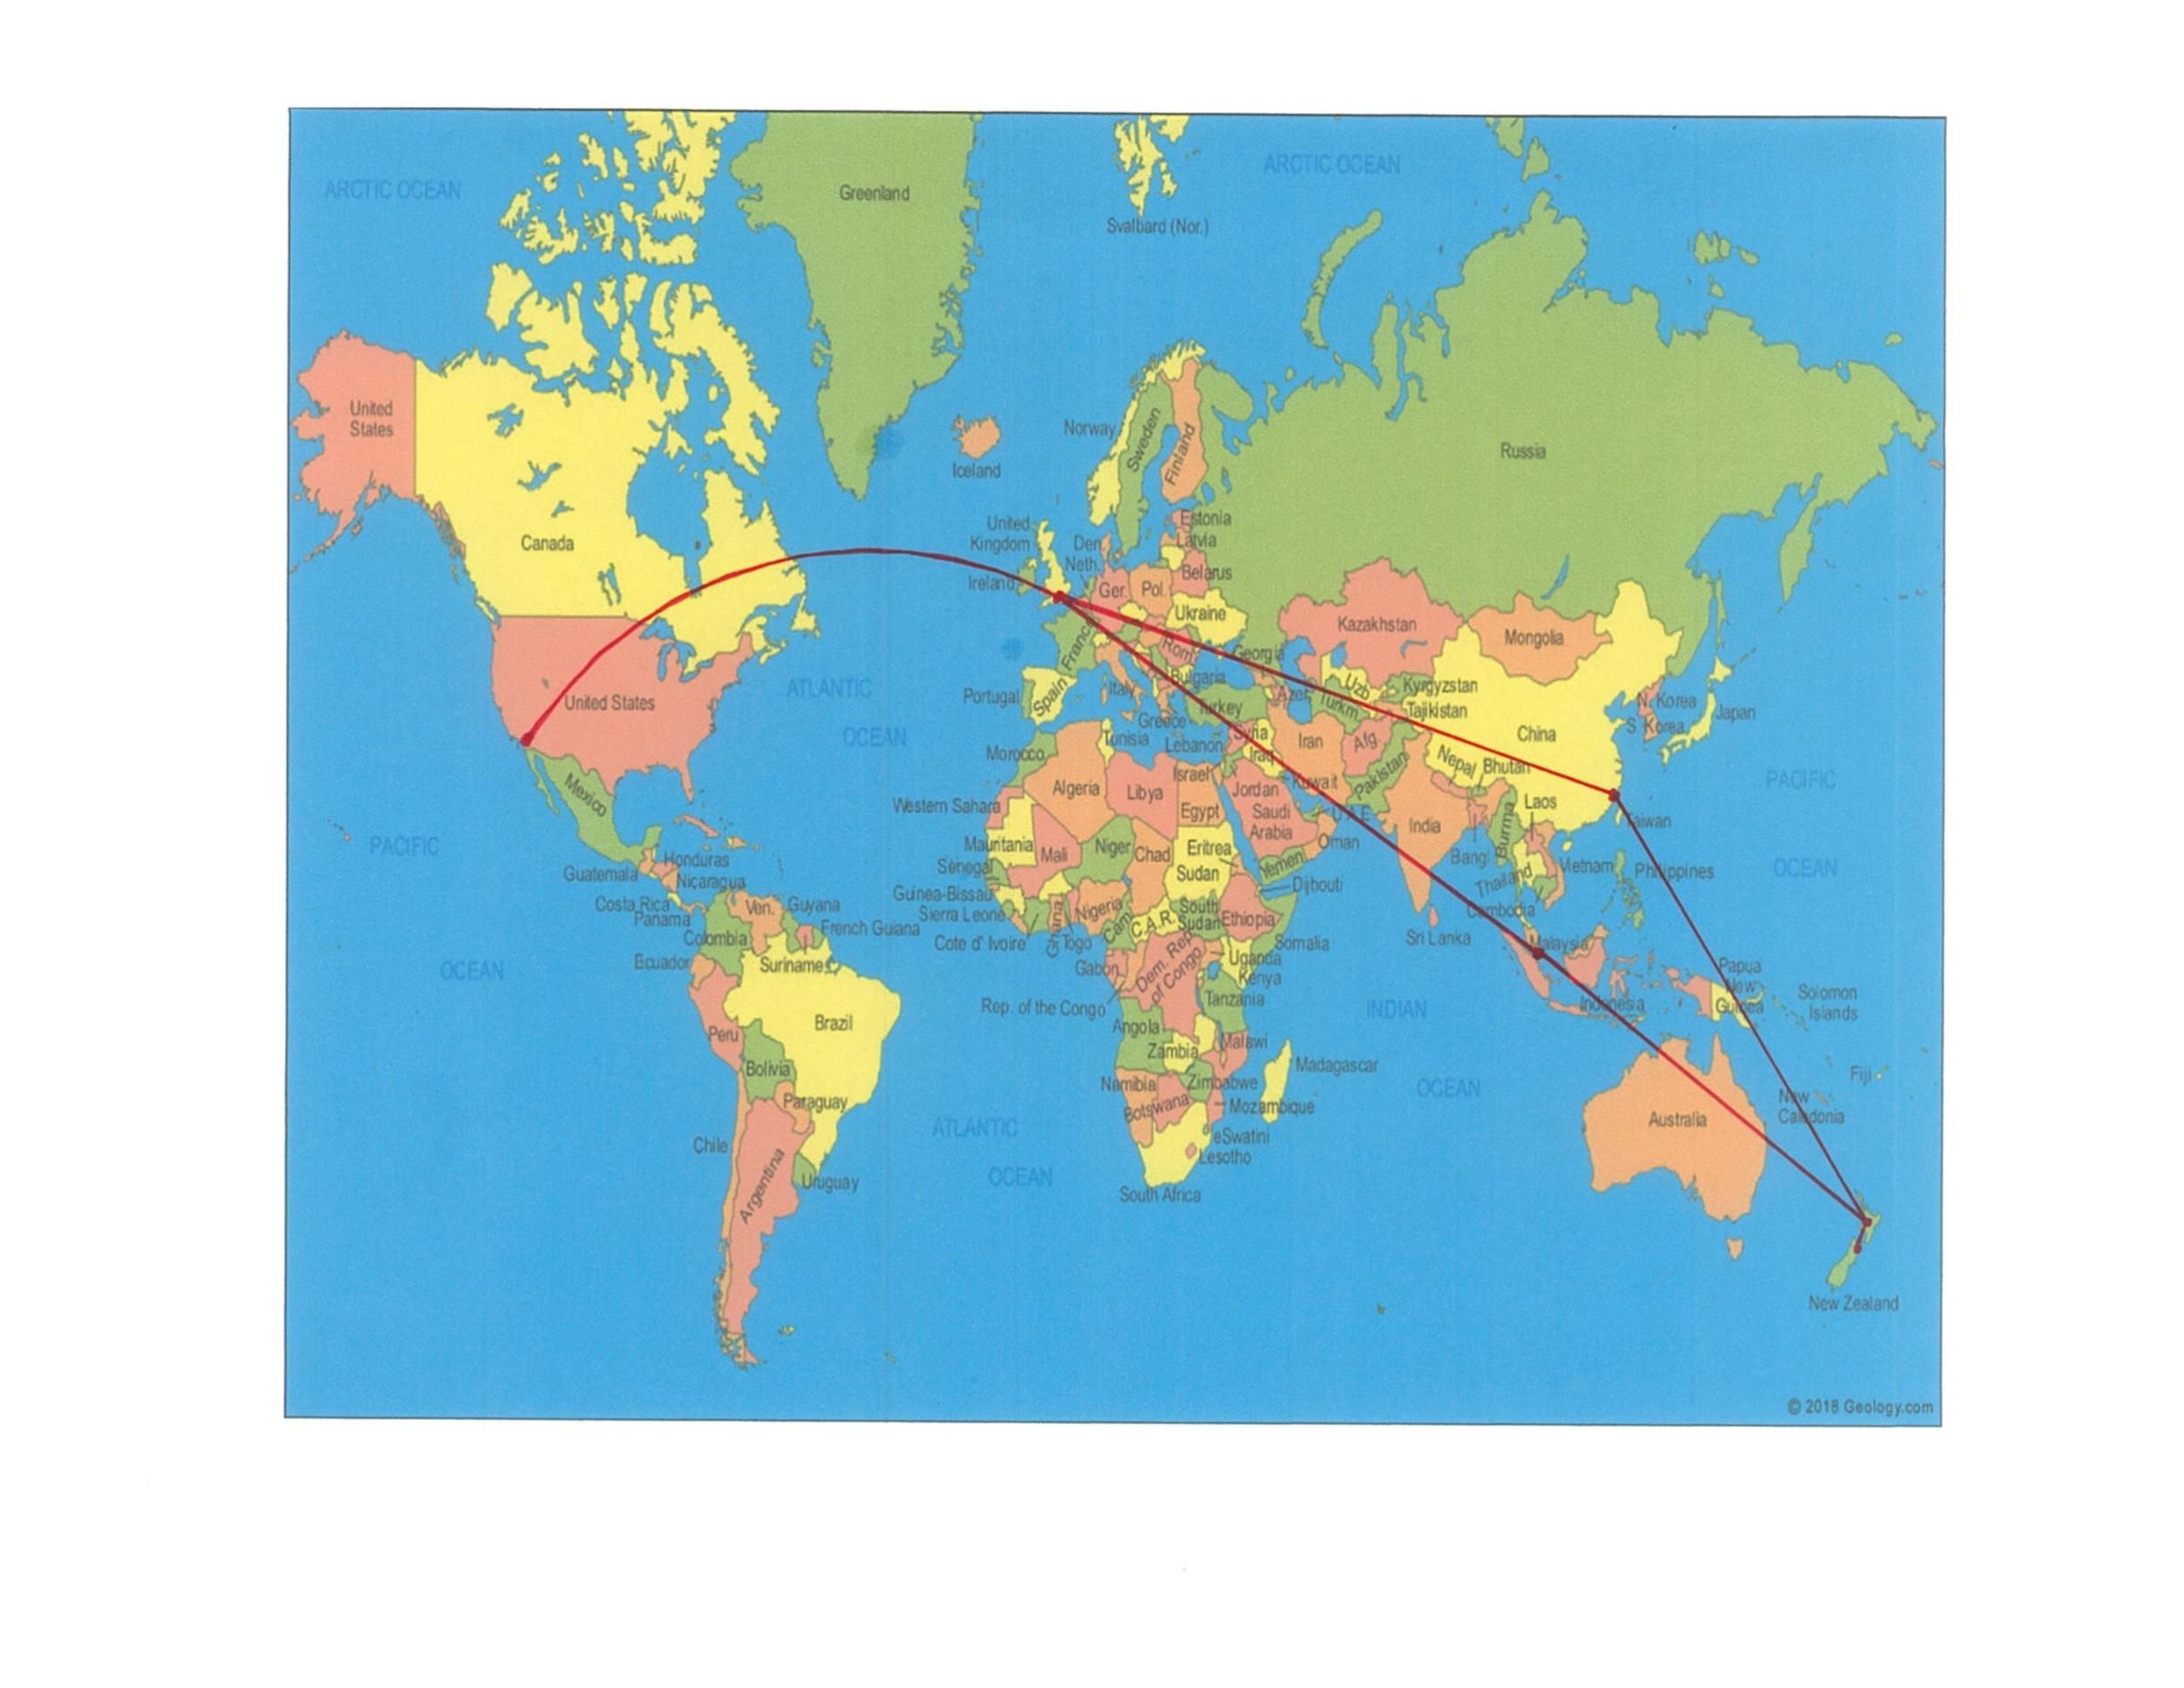 Ireland trip map air